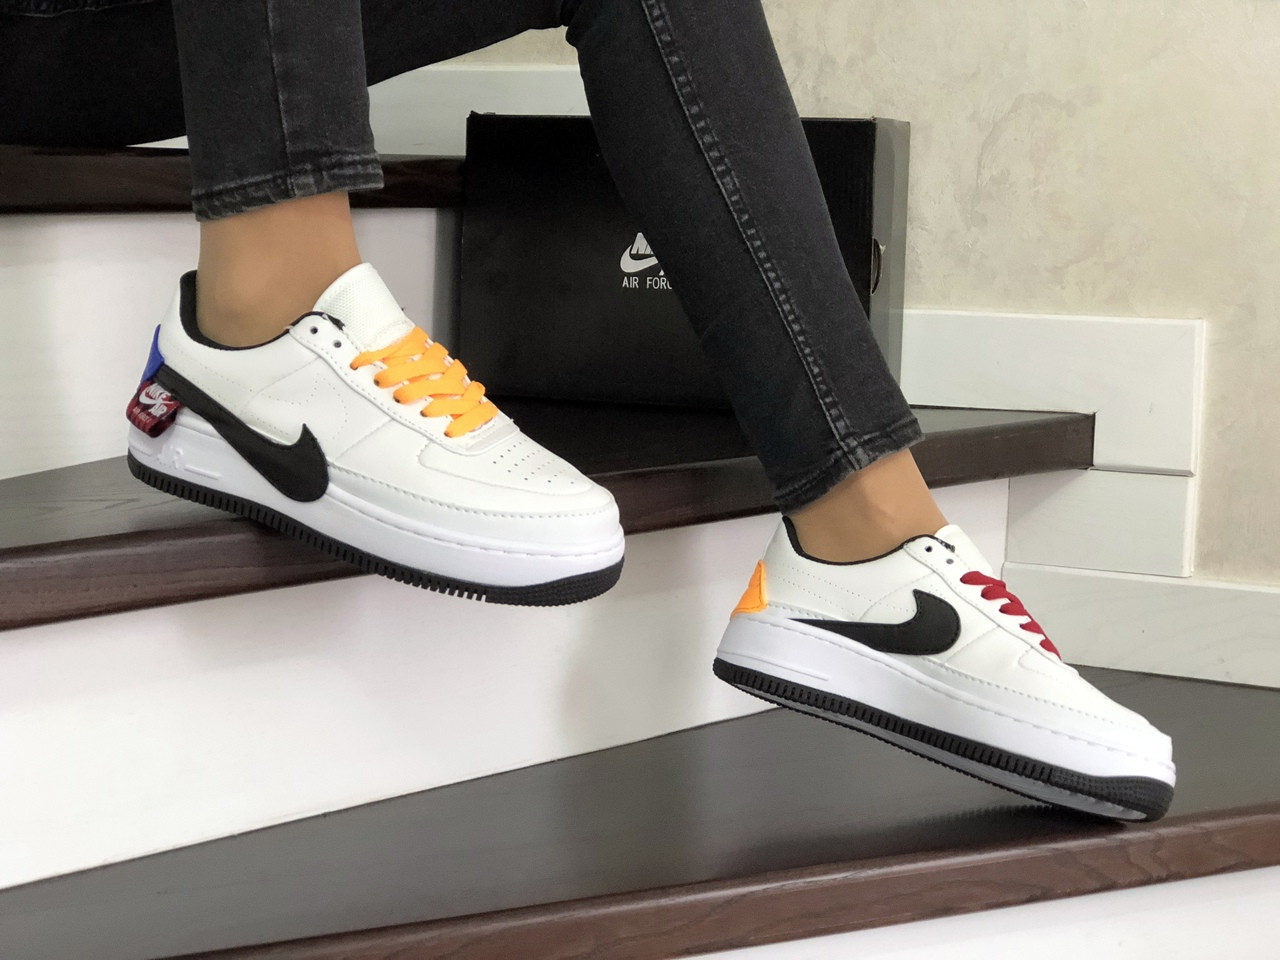 Кеды женские найк эйр форс 1 белые с черным кожаные (реплика) Nike Air Force 1 Jester XX Black Winter